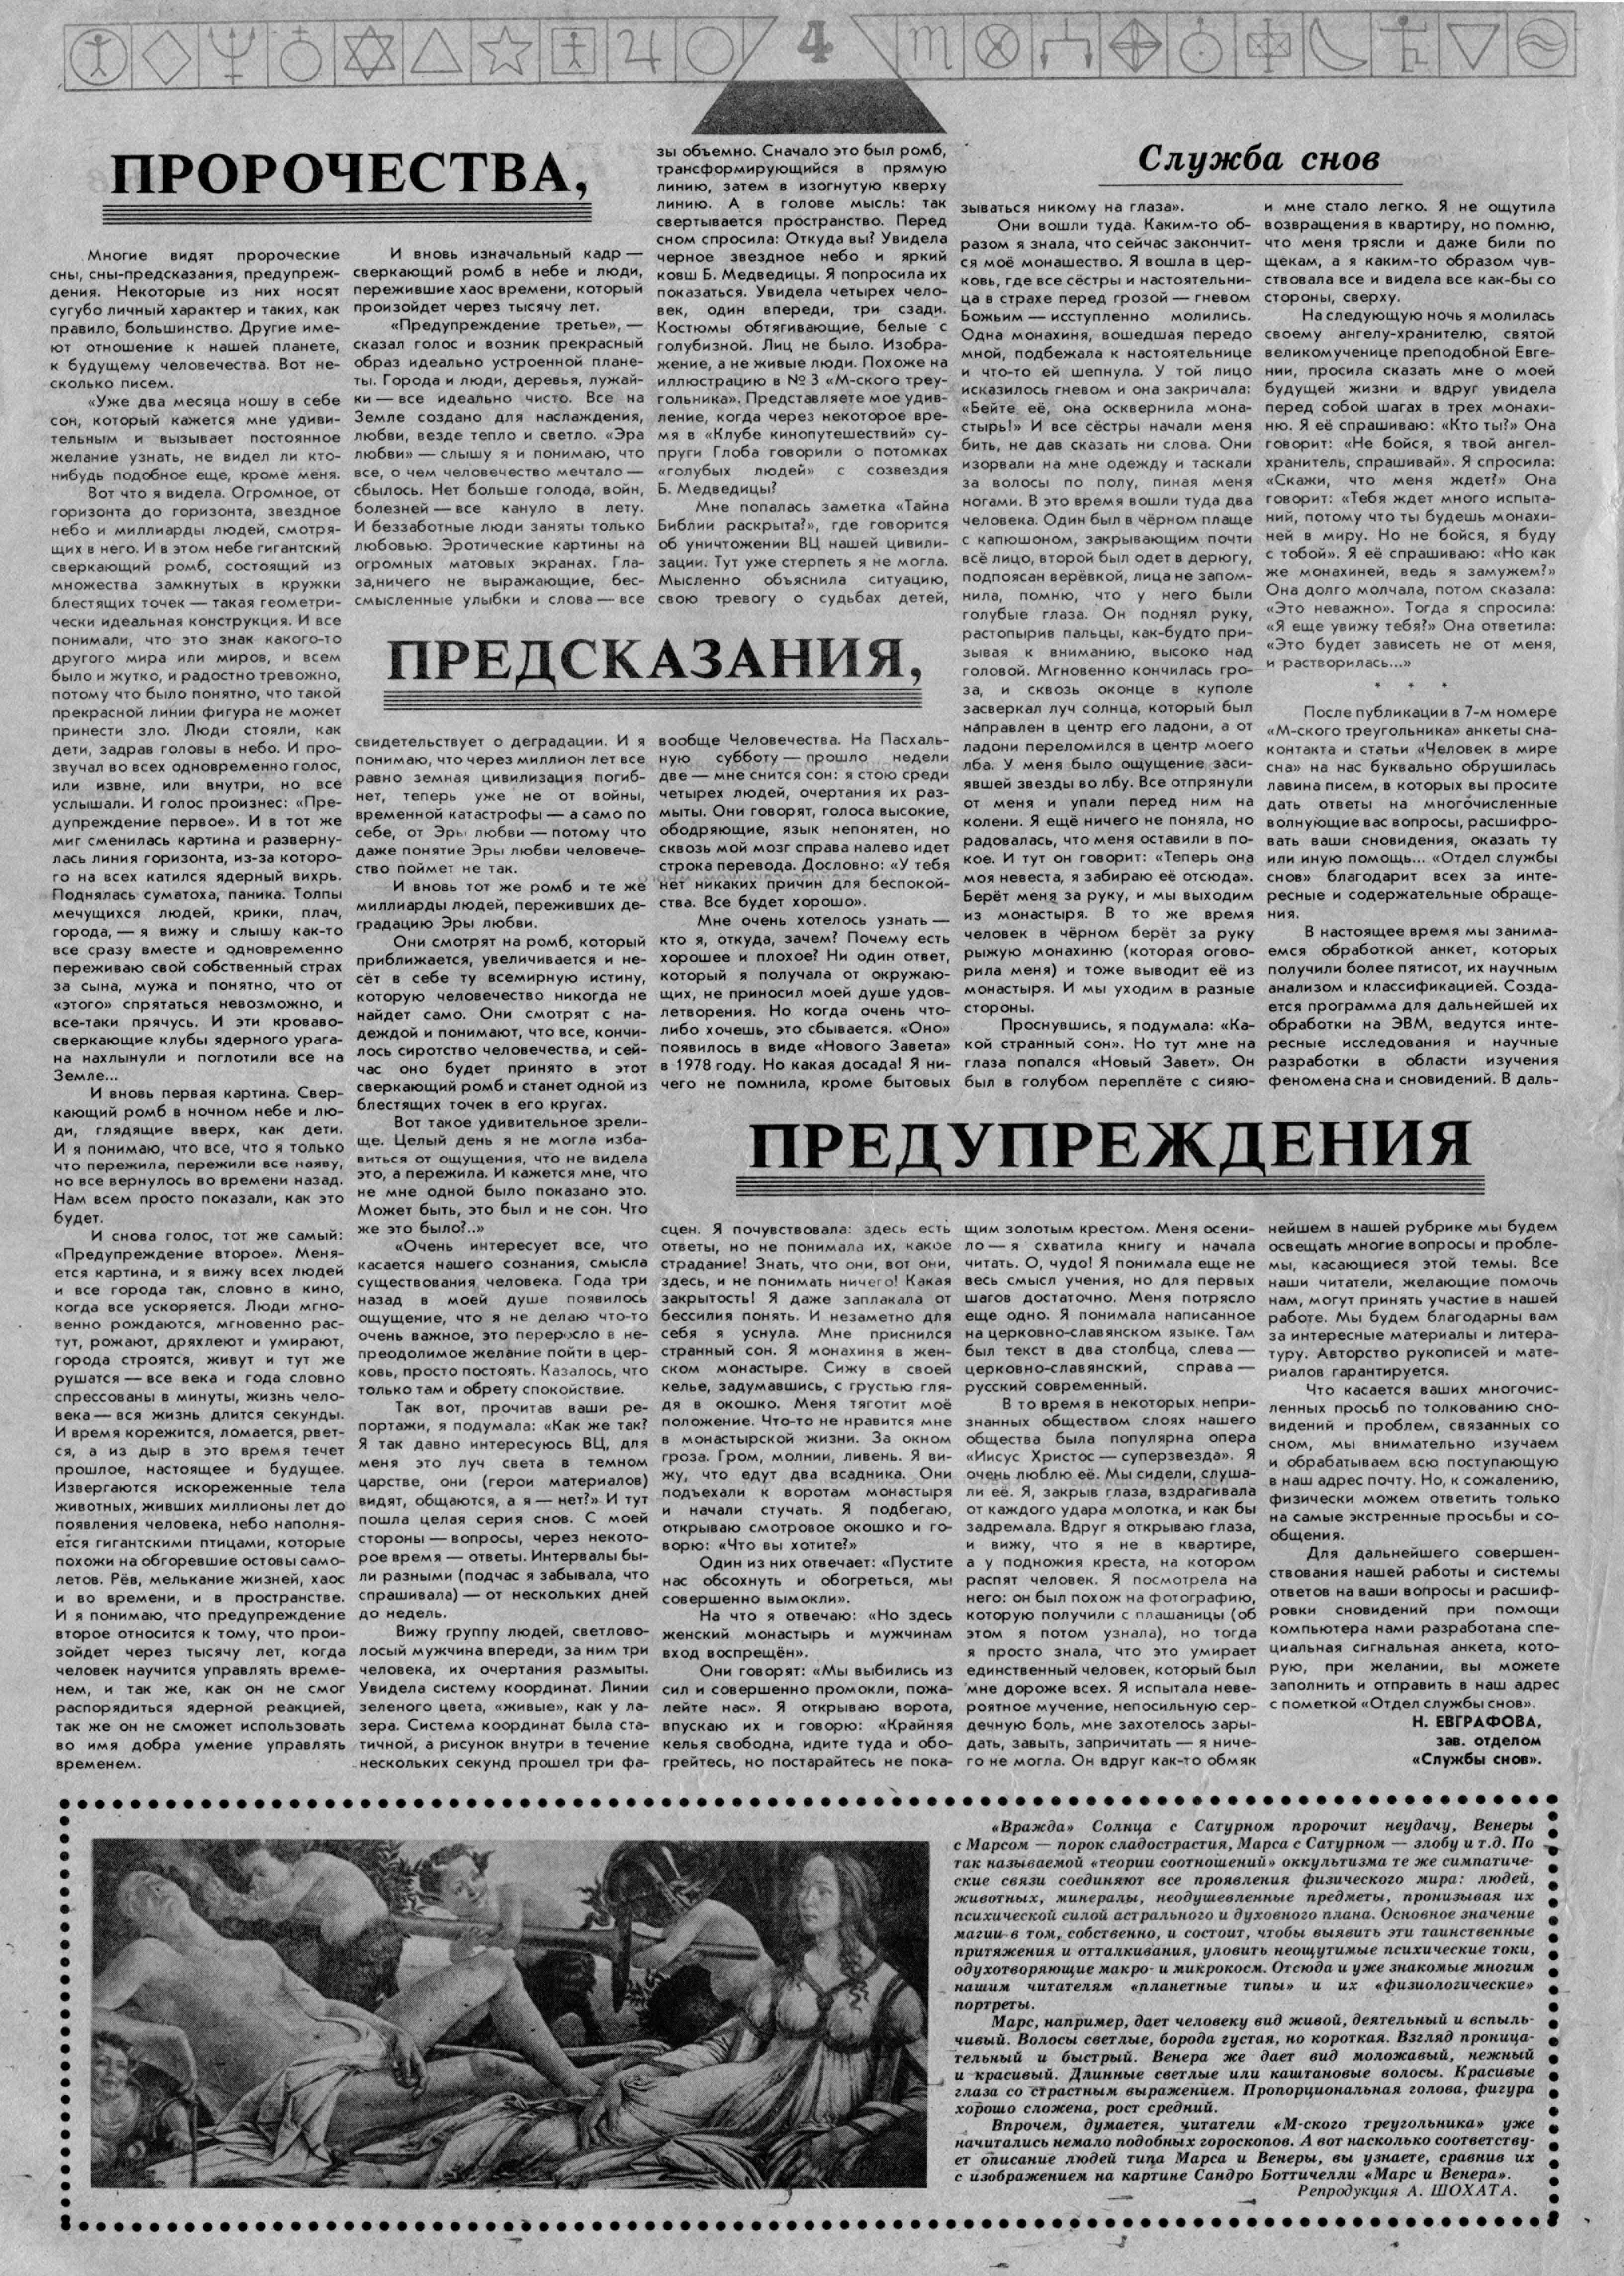 М-ский треугольник #19 (1992)_Страница_04.jpg